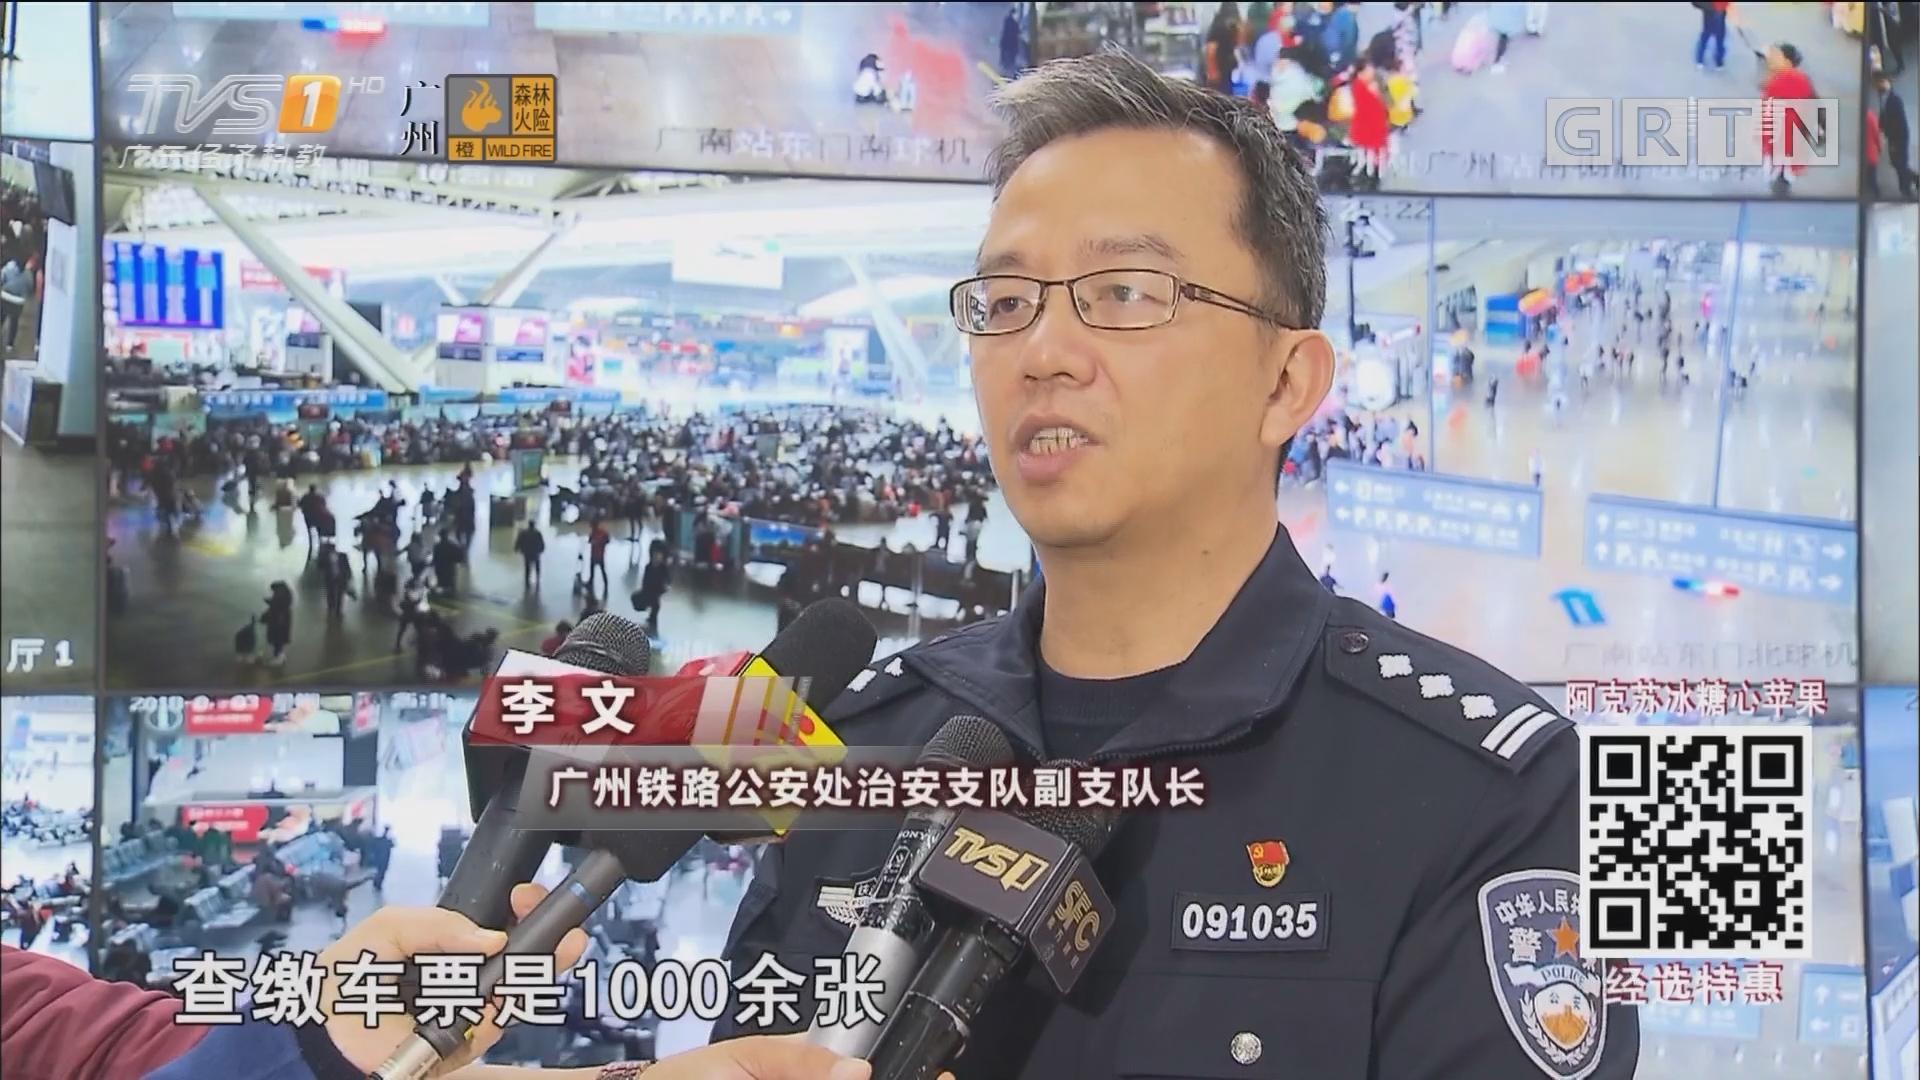 备战春运 广铁公安开展严打倒票等违法犯罪